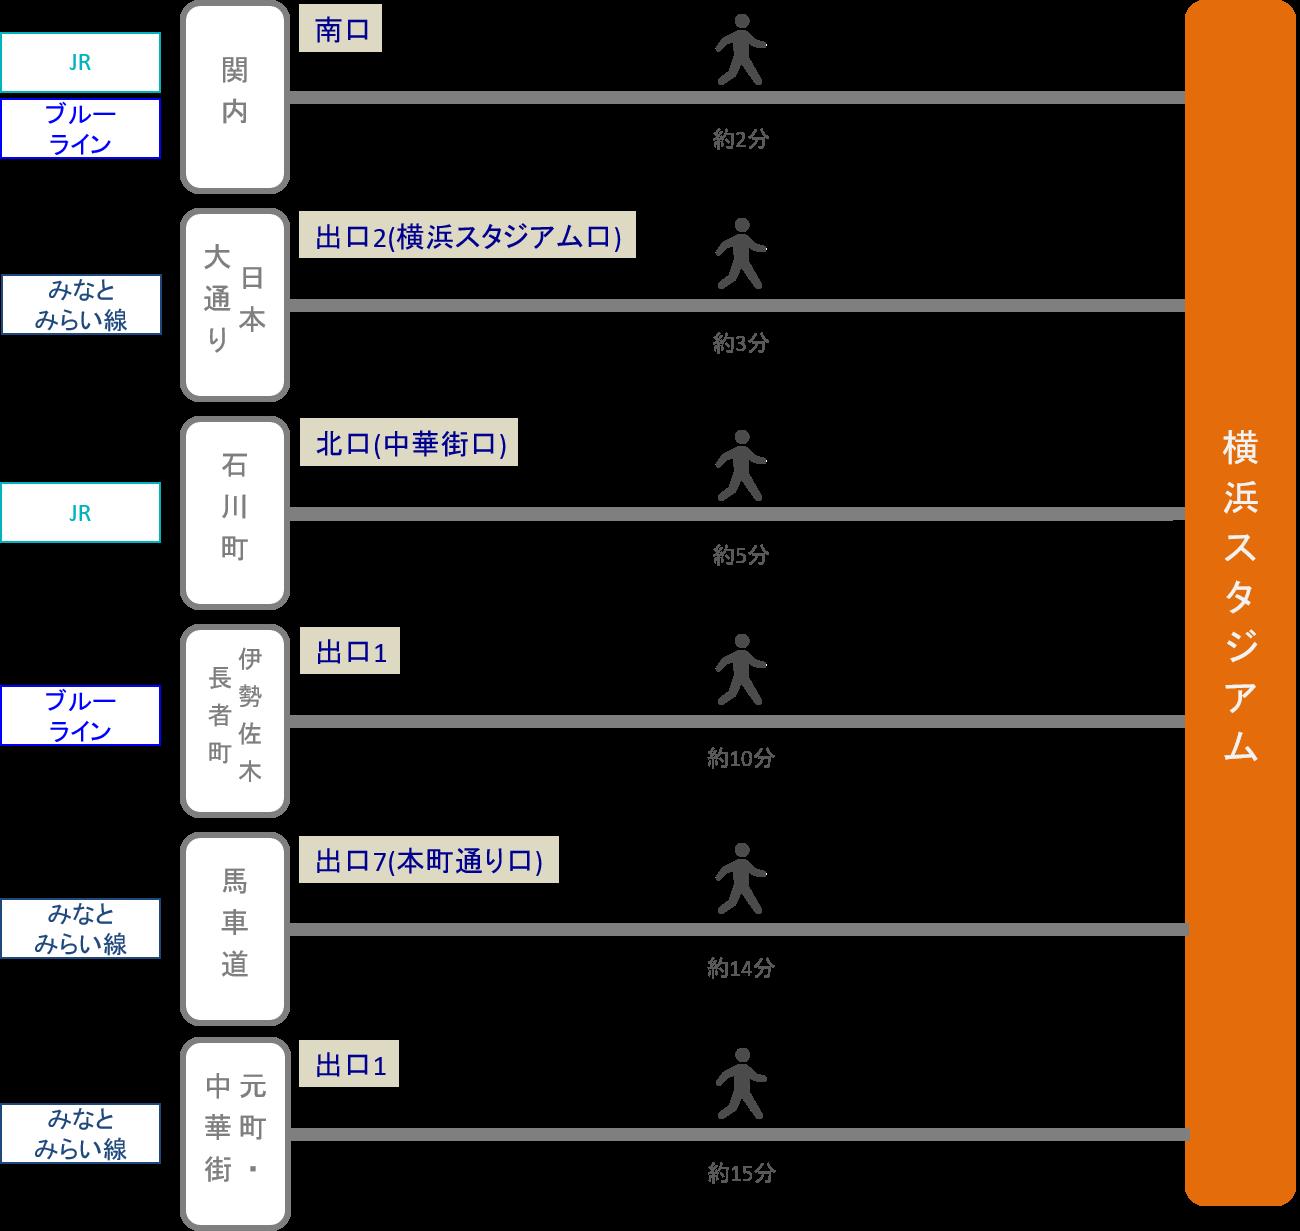 横浜スタジアム_最寄り駅